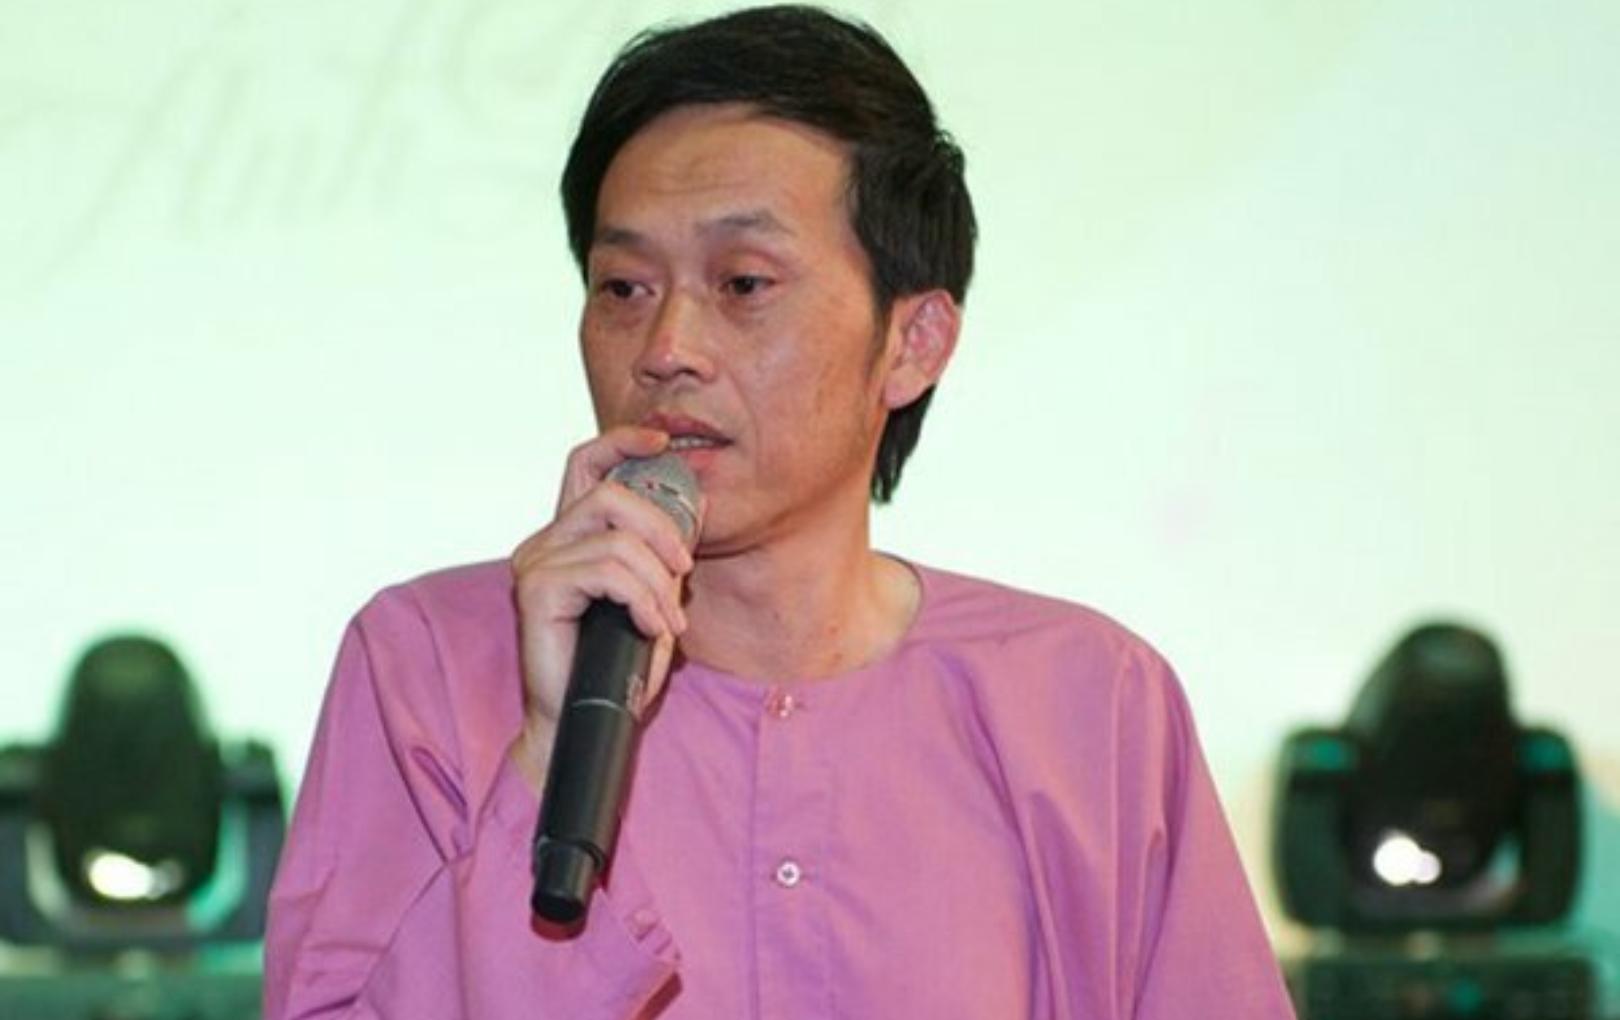 Nghệ sĩ Hoài Linh nhận được hơn 3 tỷ đồng cứu trợ miền Trung sau 24h kêu gọi